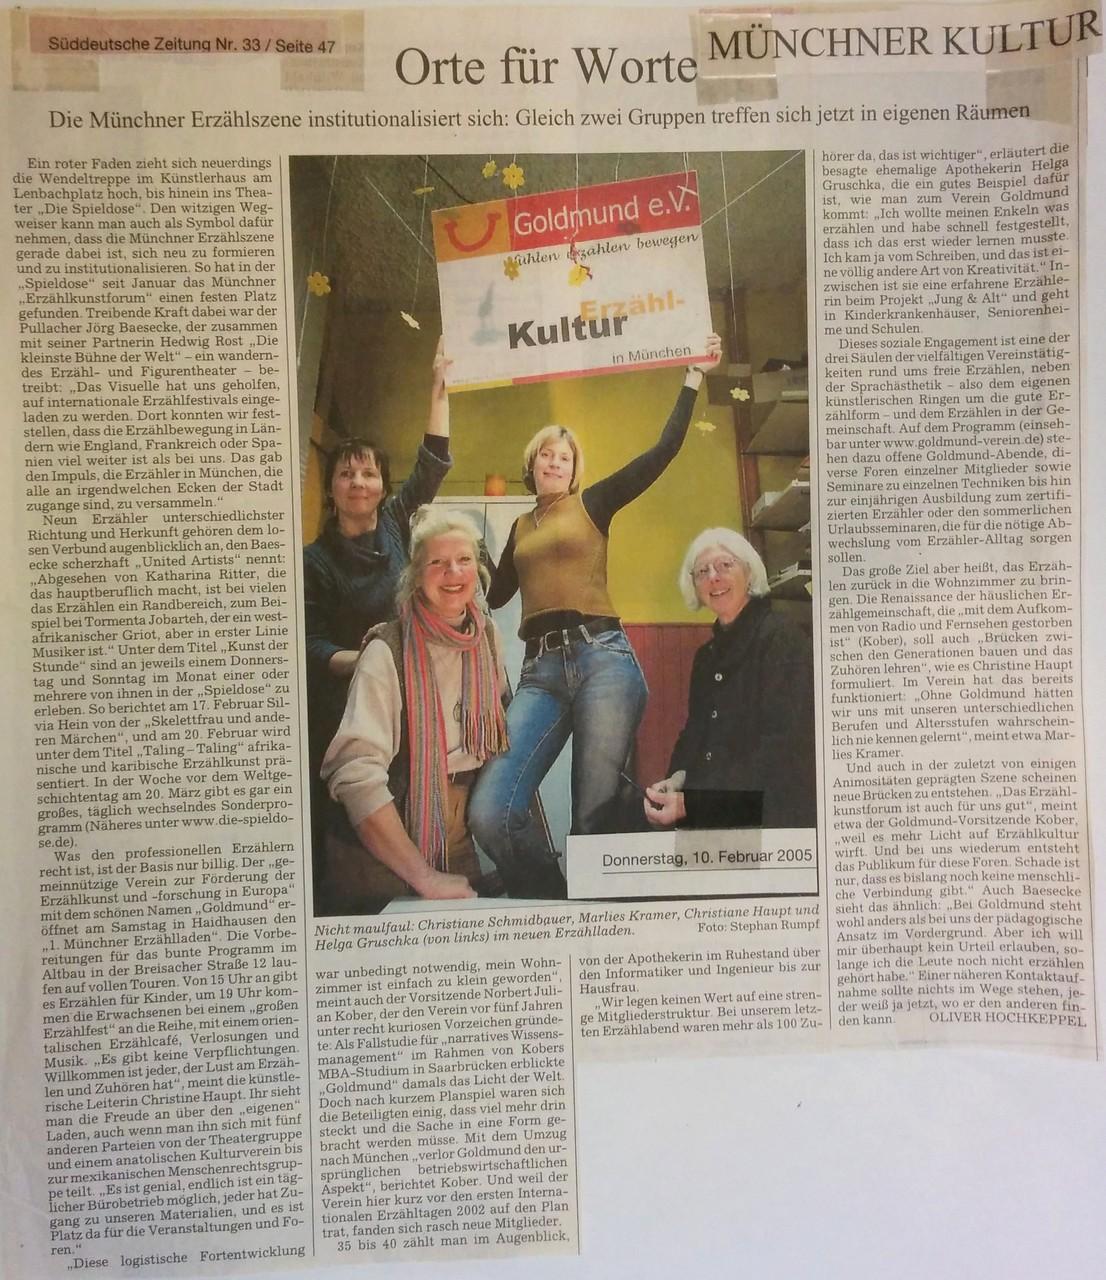 Süddeutsche Zeitung - 10.02.2005